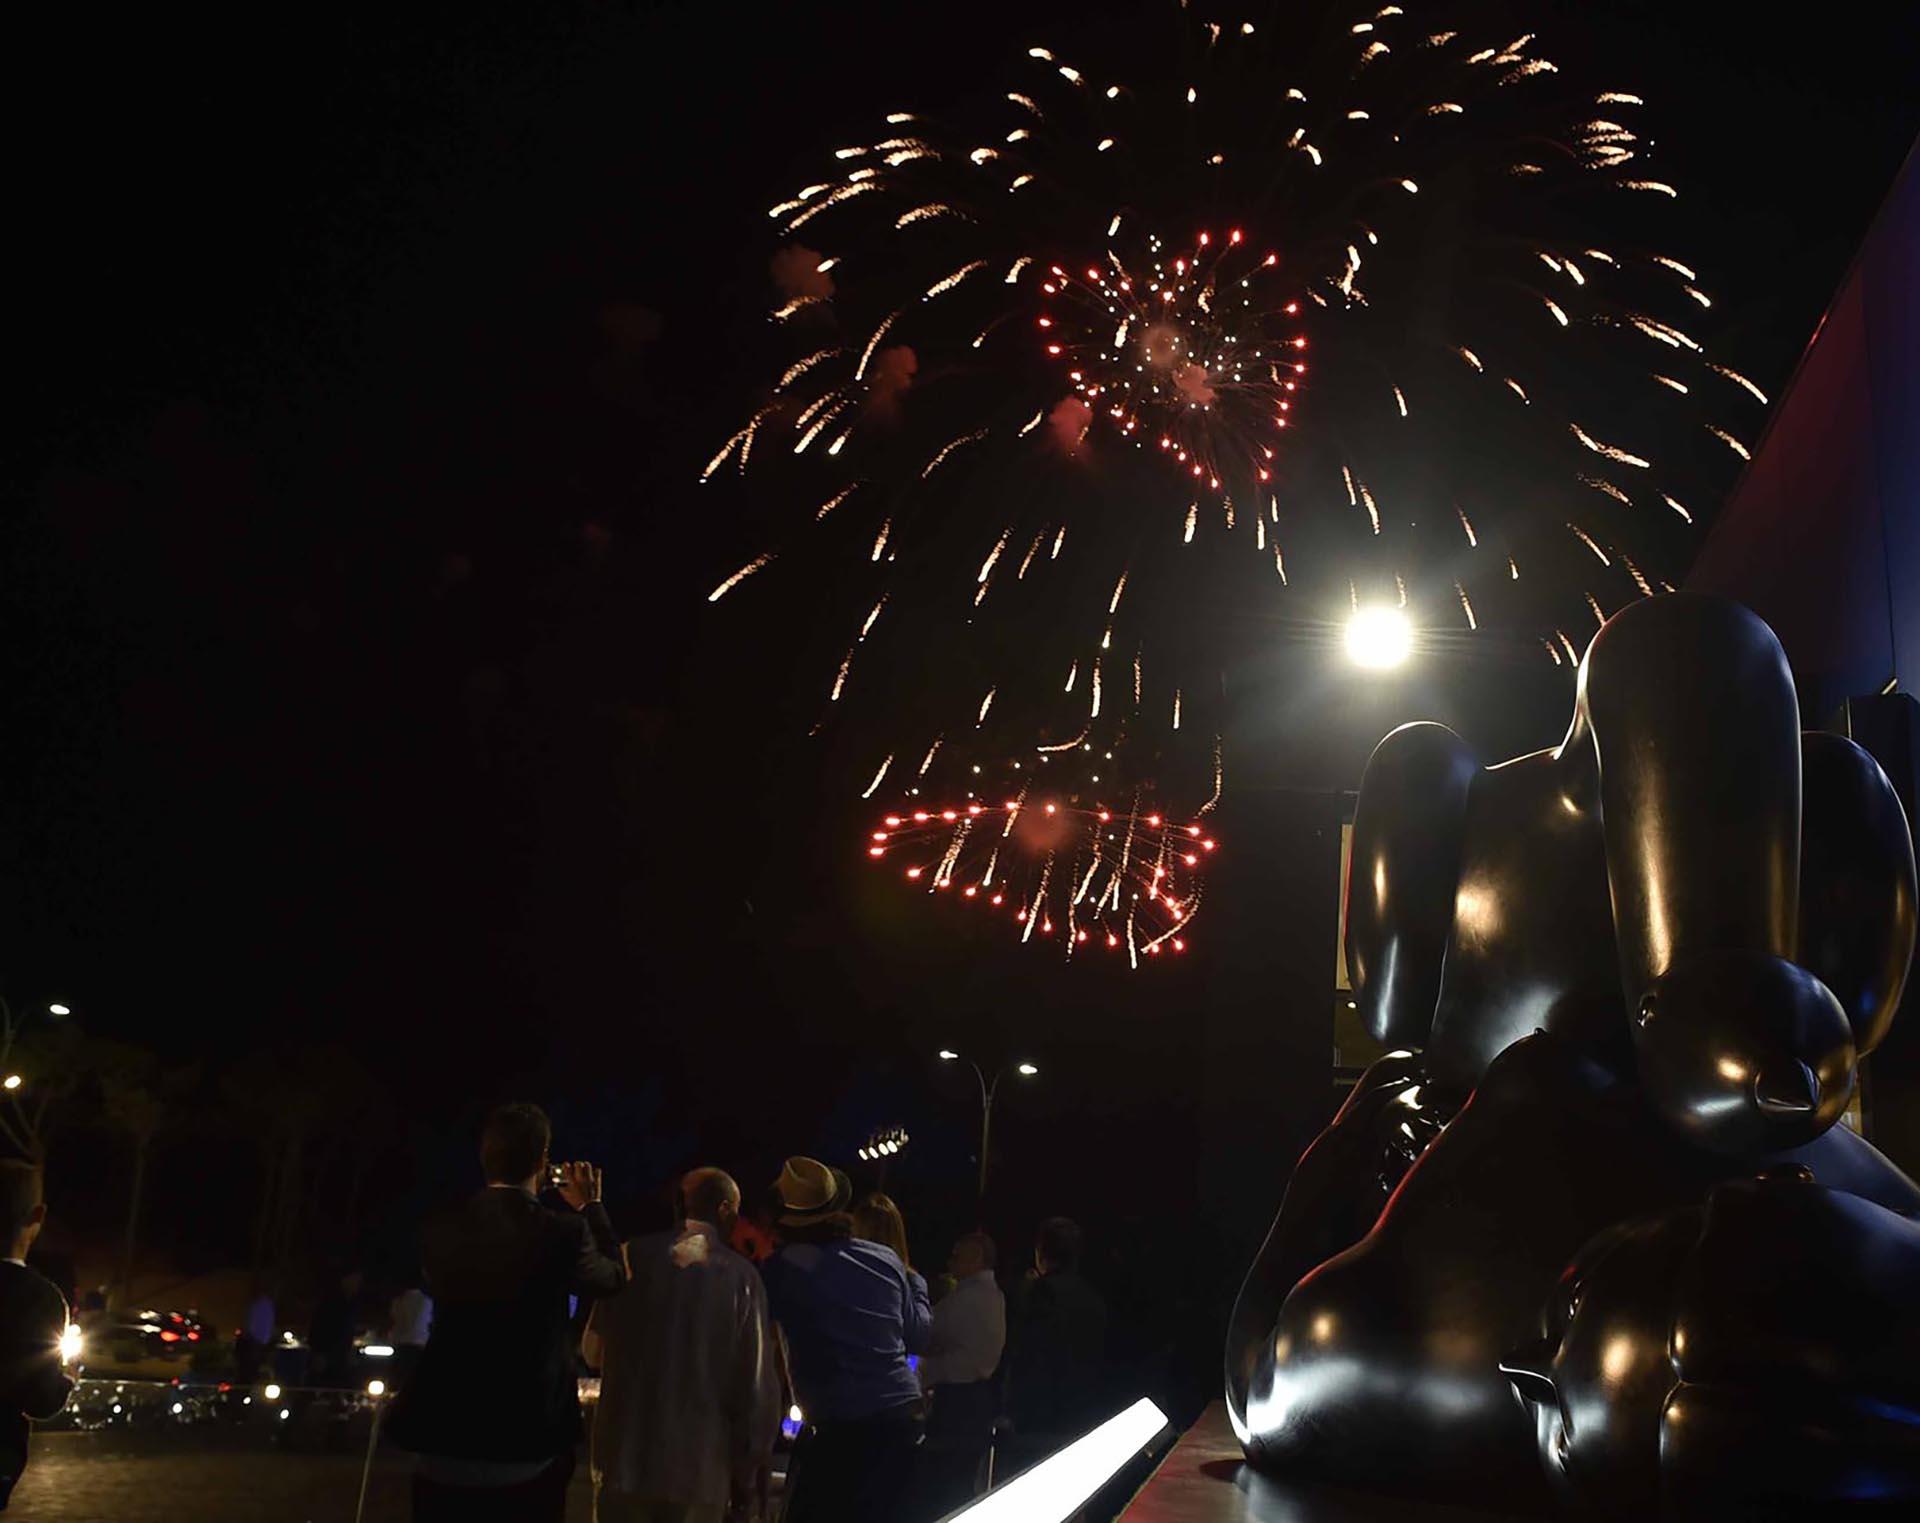 La gran noche culminó con un show de fuegos artificiales /// Fotos: GM Press Punta